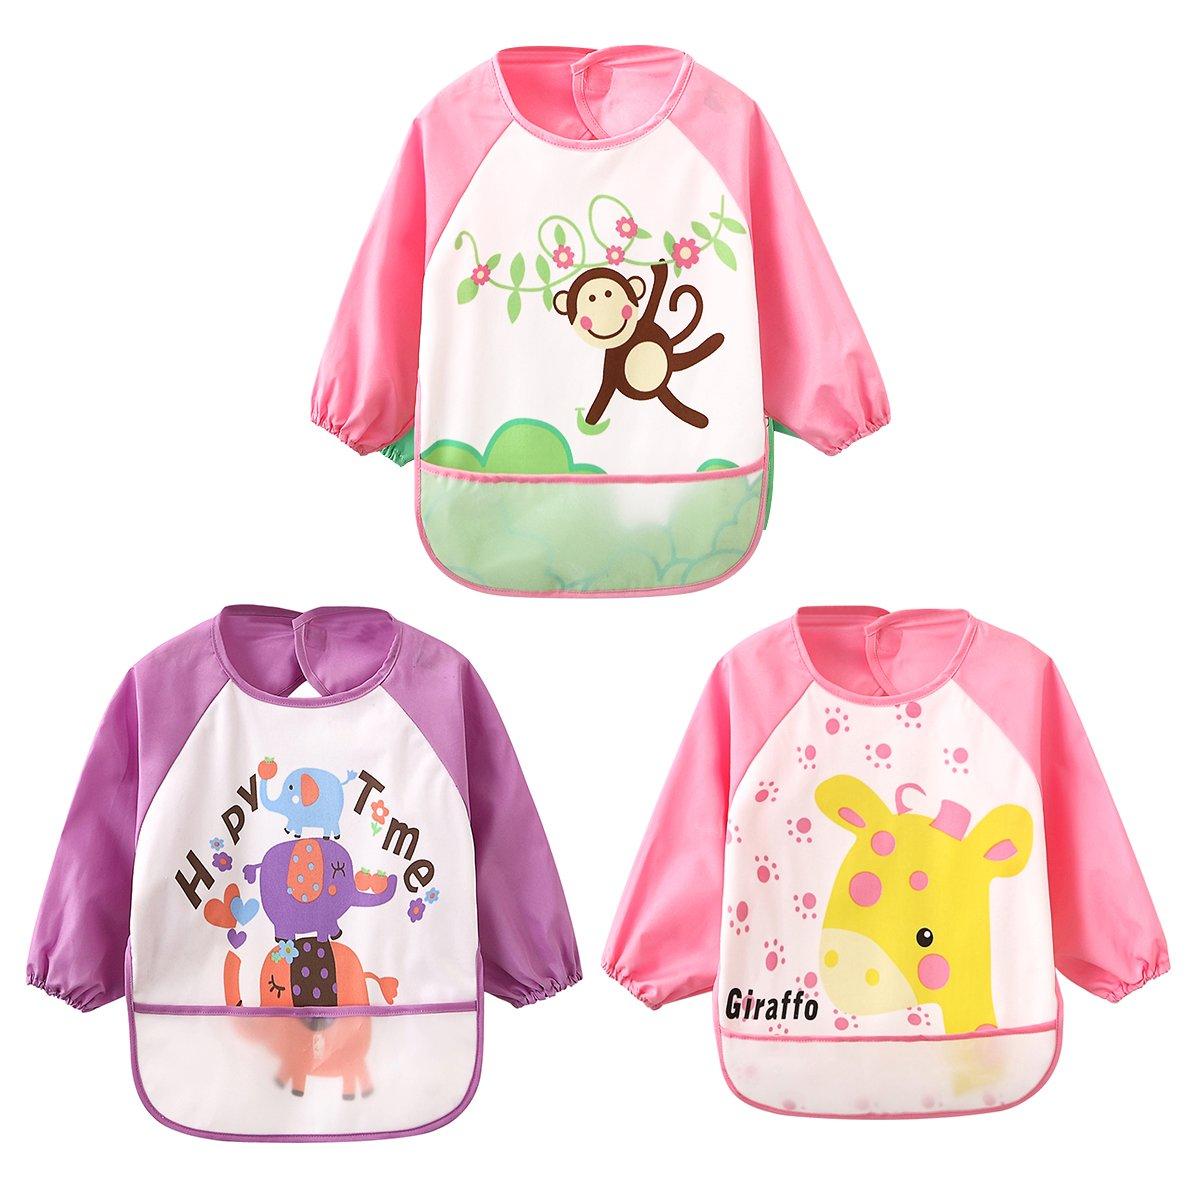 /Ärmel-L/ätzchen Waterproof Bib Babyl/ätzchen f/ür Kinder von 0-3 Jahren 3 pink set